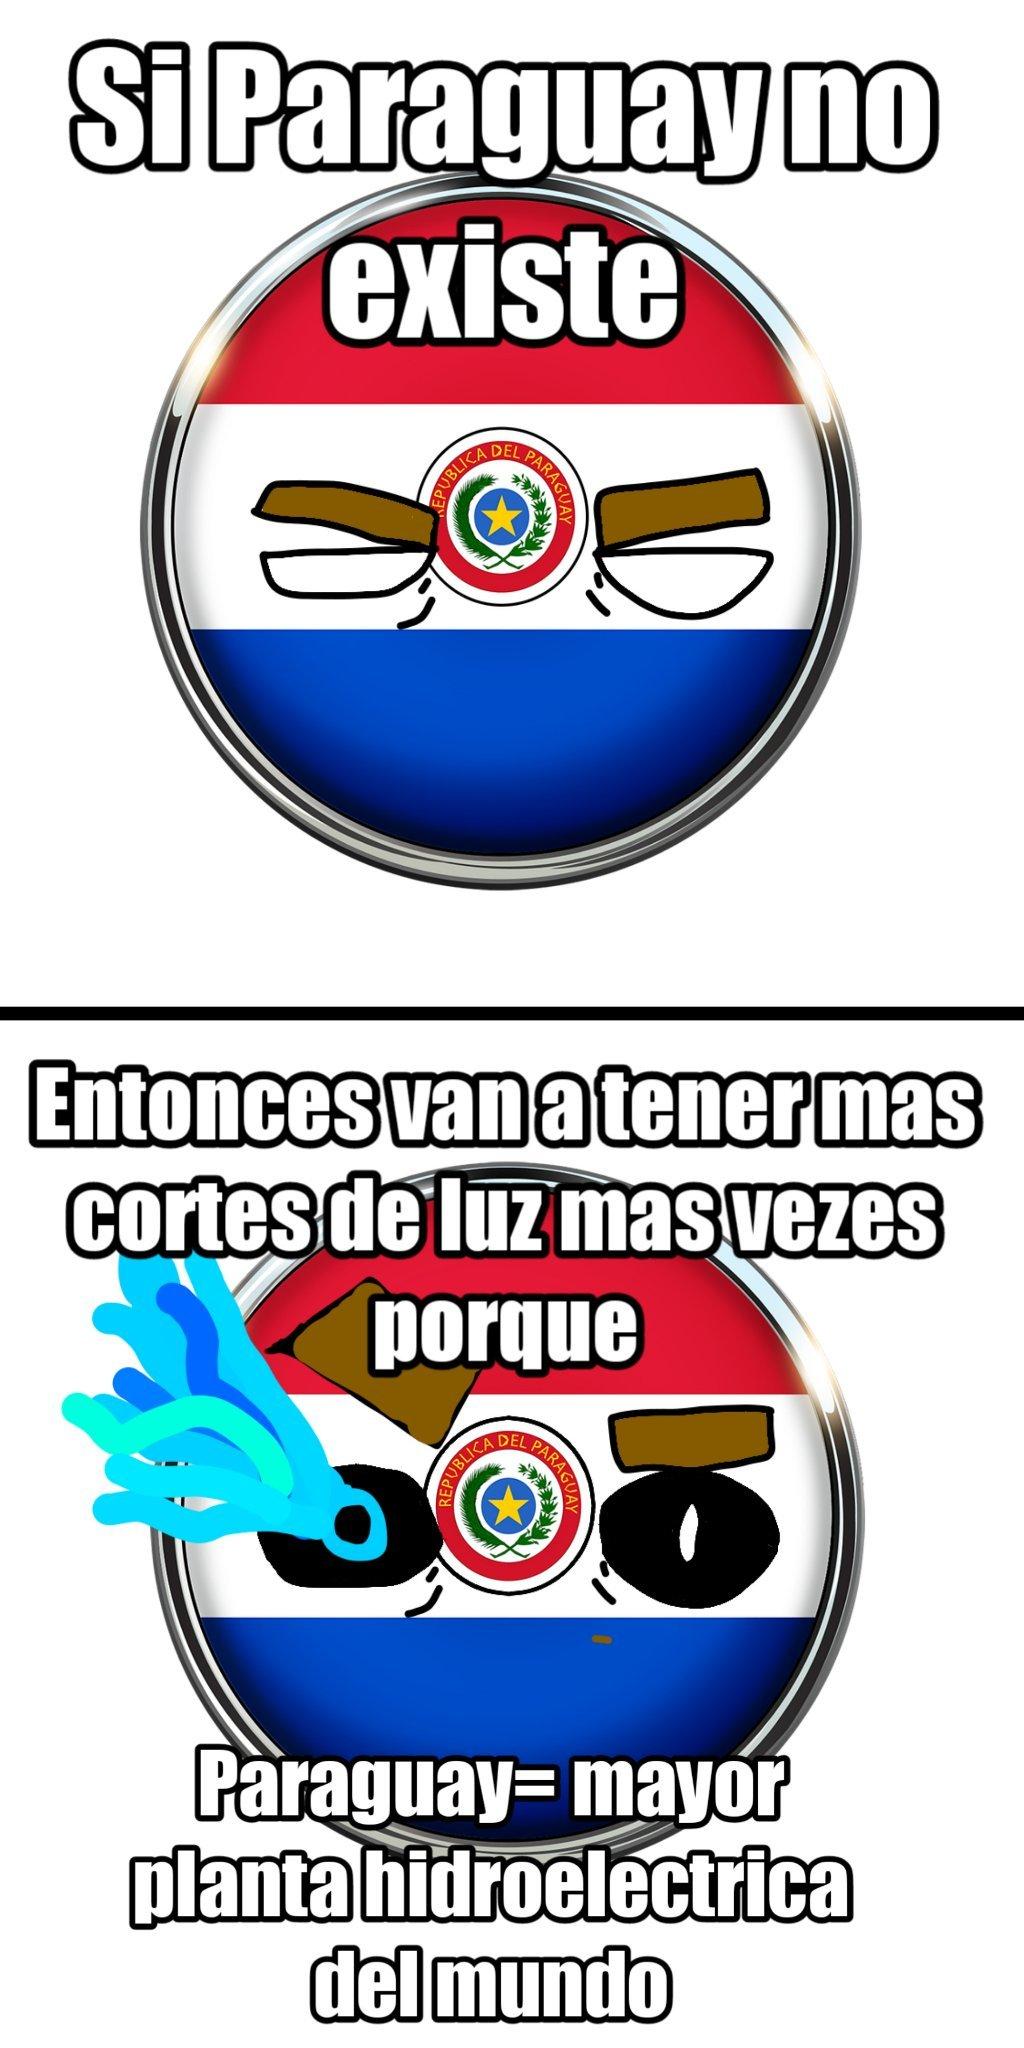 Paraguay si existe y si se burlan de los paraguayos que reclaman ya van a ver - meme